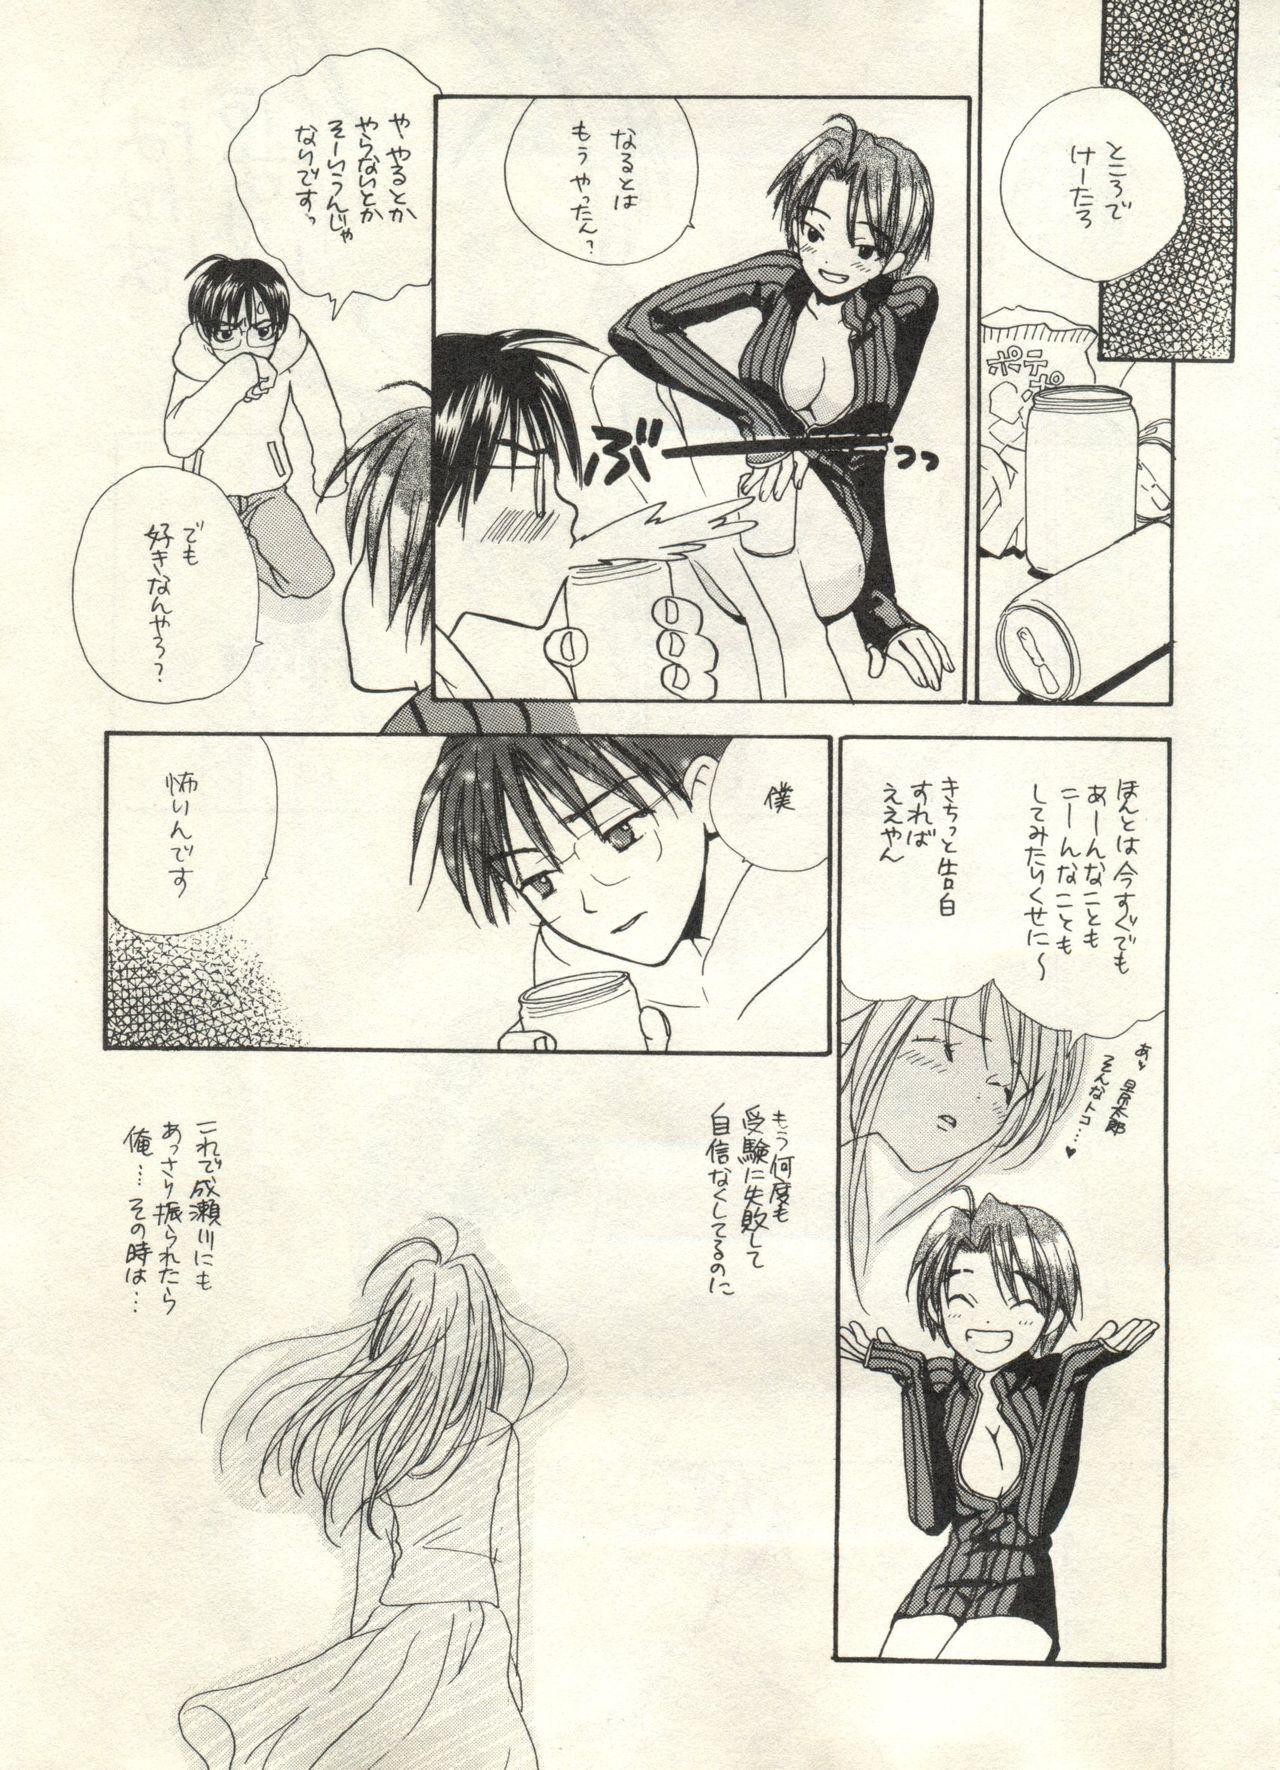 Bishoujo Shoukougun 2000 Manga-Anime Hen 24